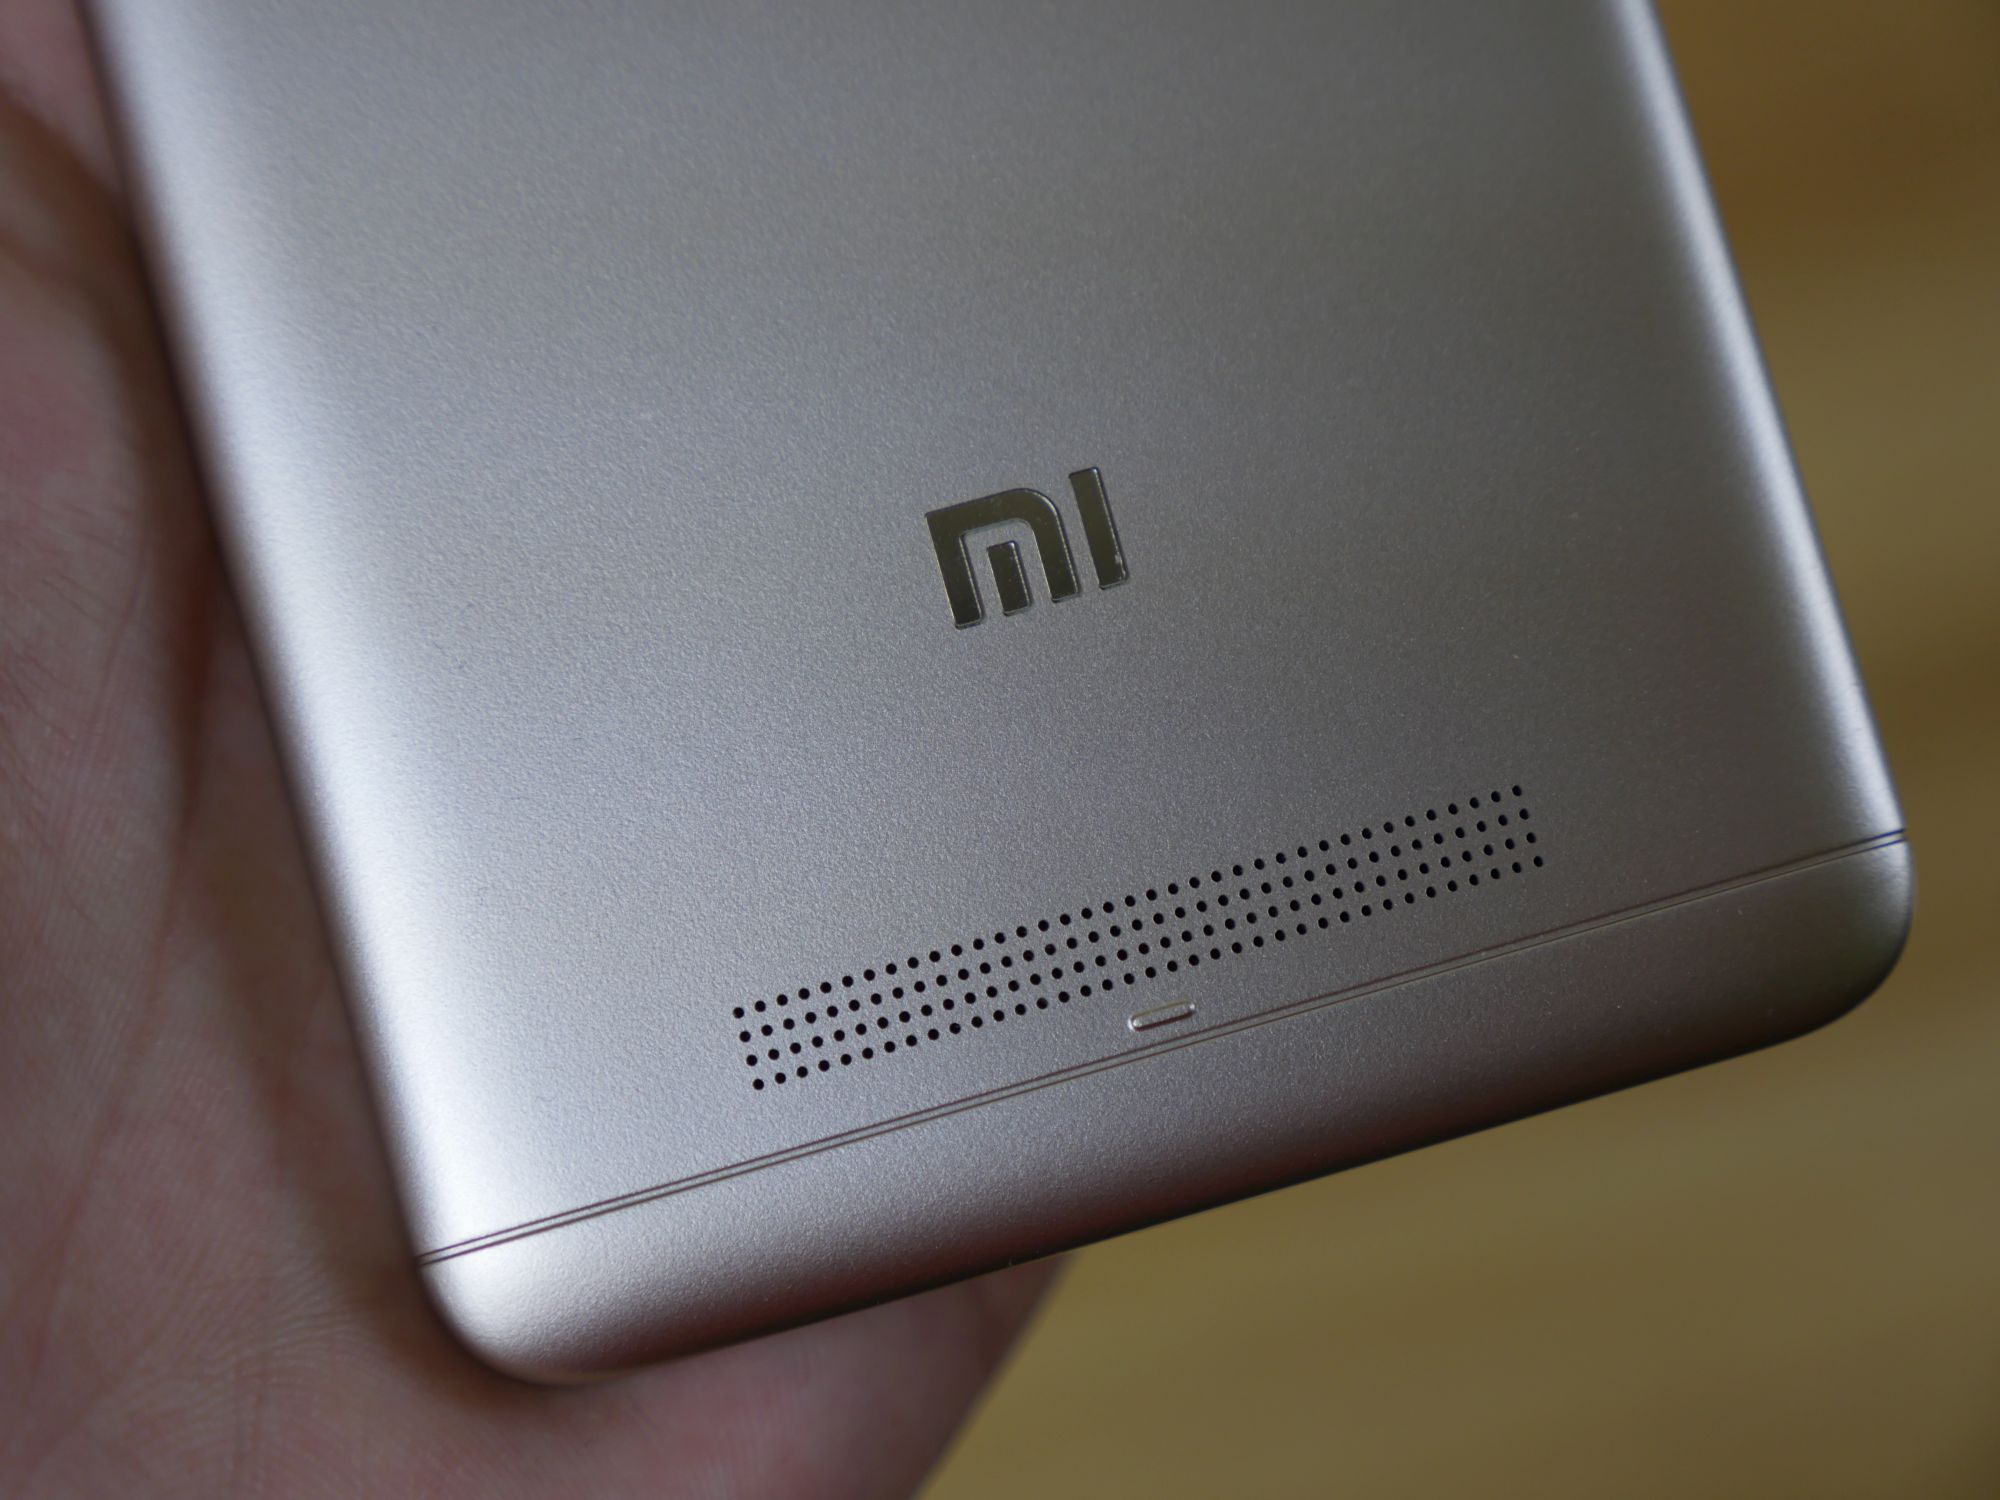 Sprzedaż smartfonów Xiaomi w Polsce rośnie bardzo szybko 24